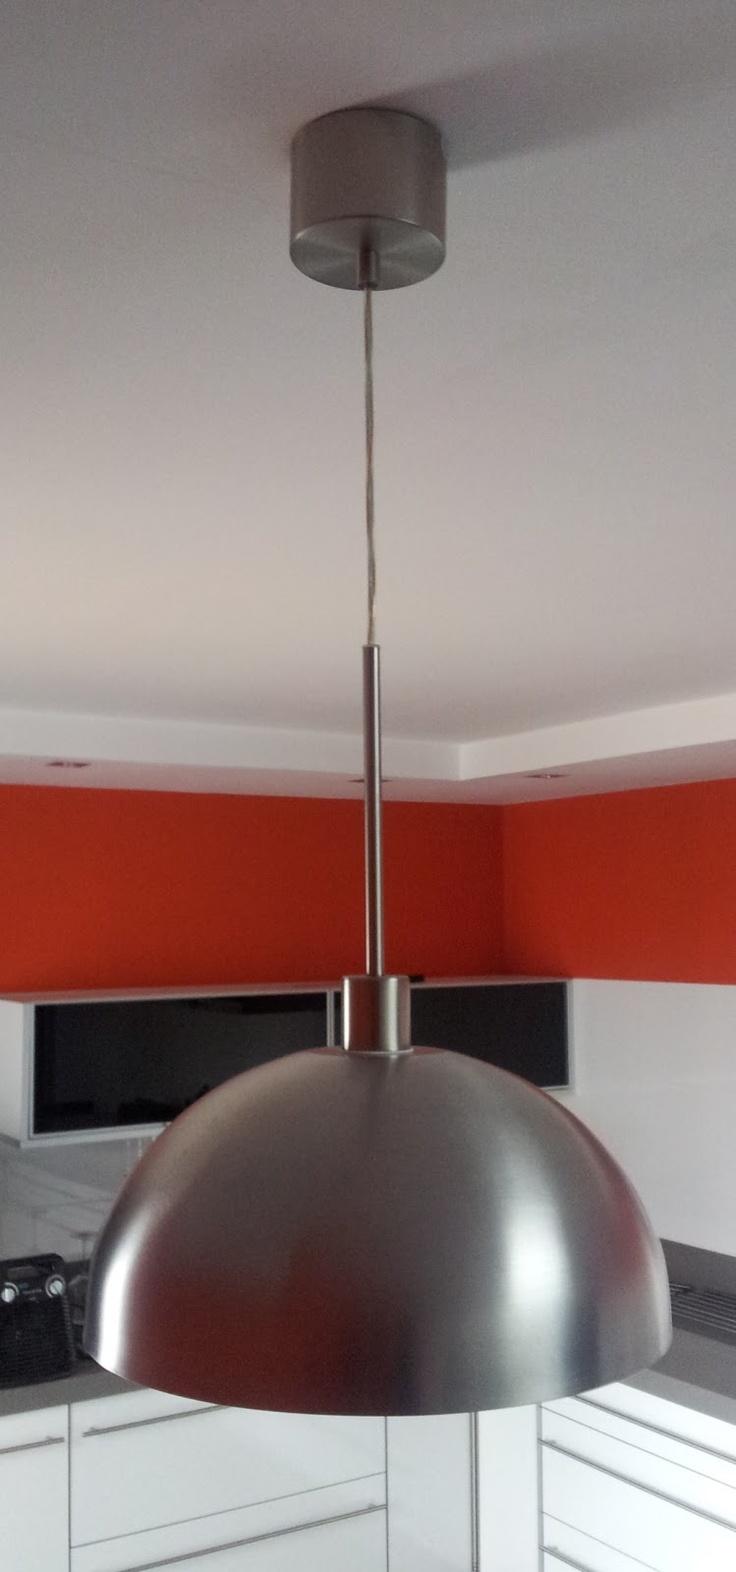 Genial lampara cocina ikea galer a de im genes ikea - Lamparas de cocina ikea ...